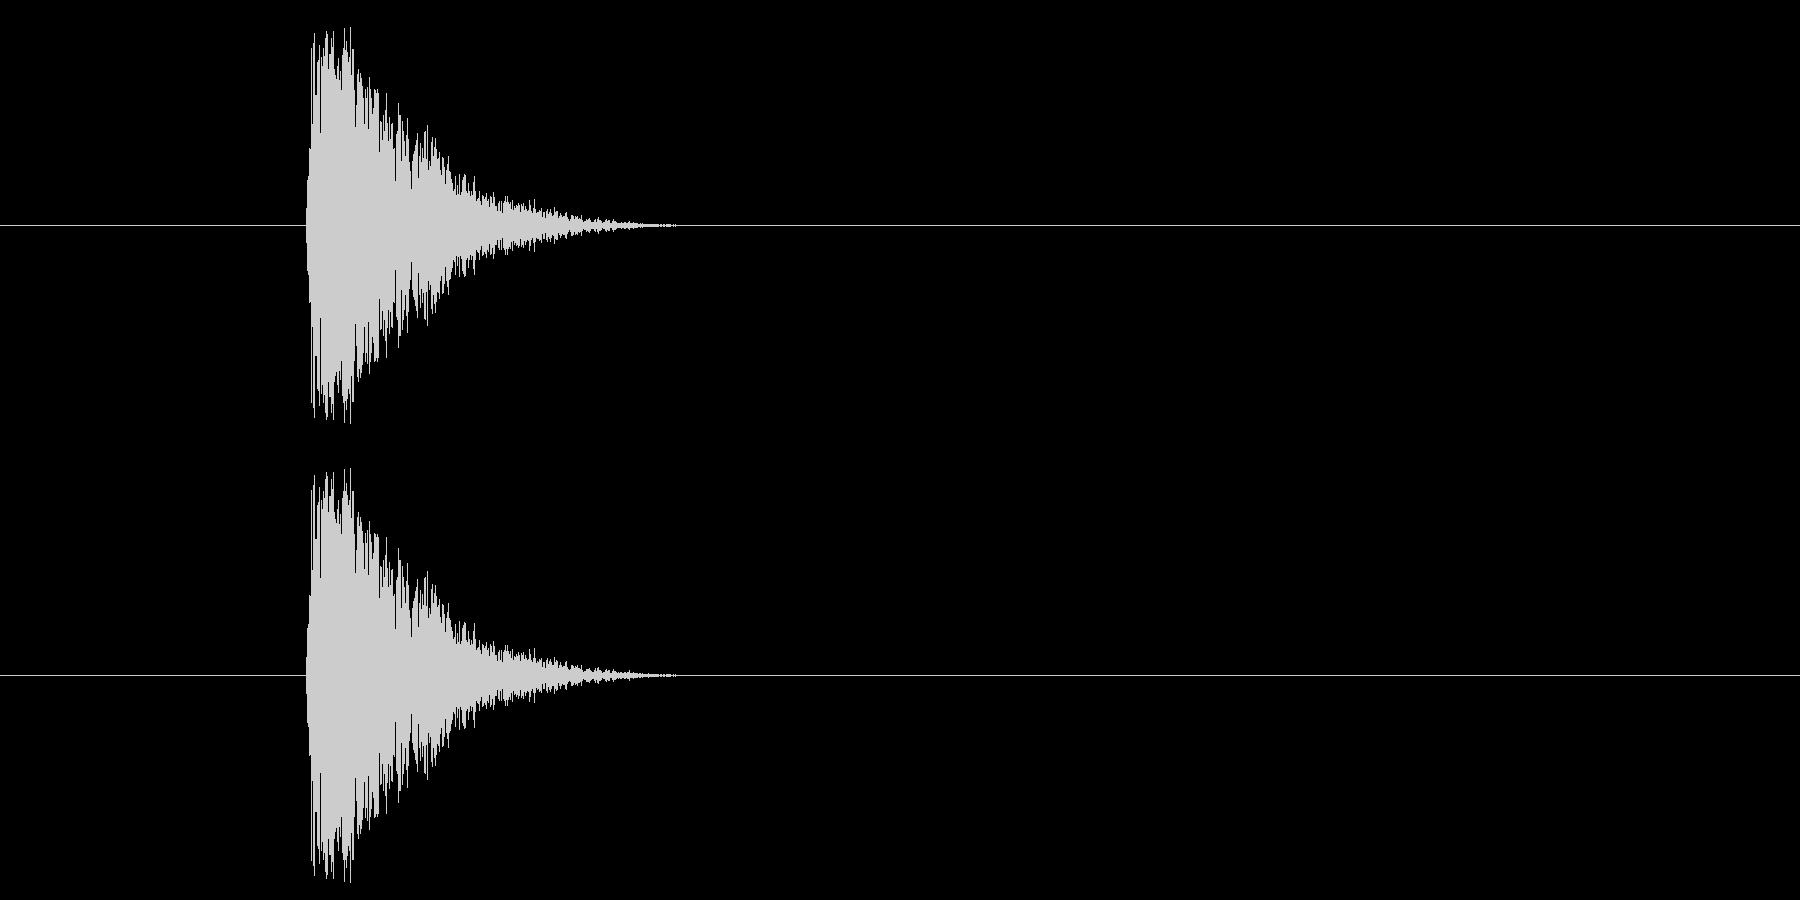 ジャン!懐かしのオケヒその2_音程高めの未再生の波形